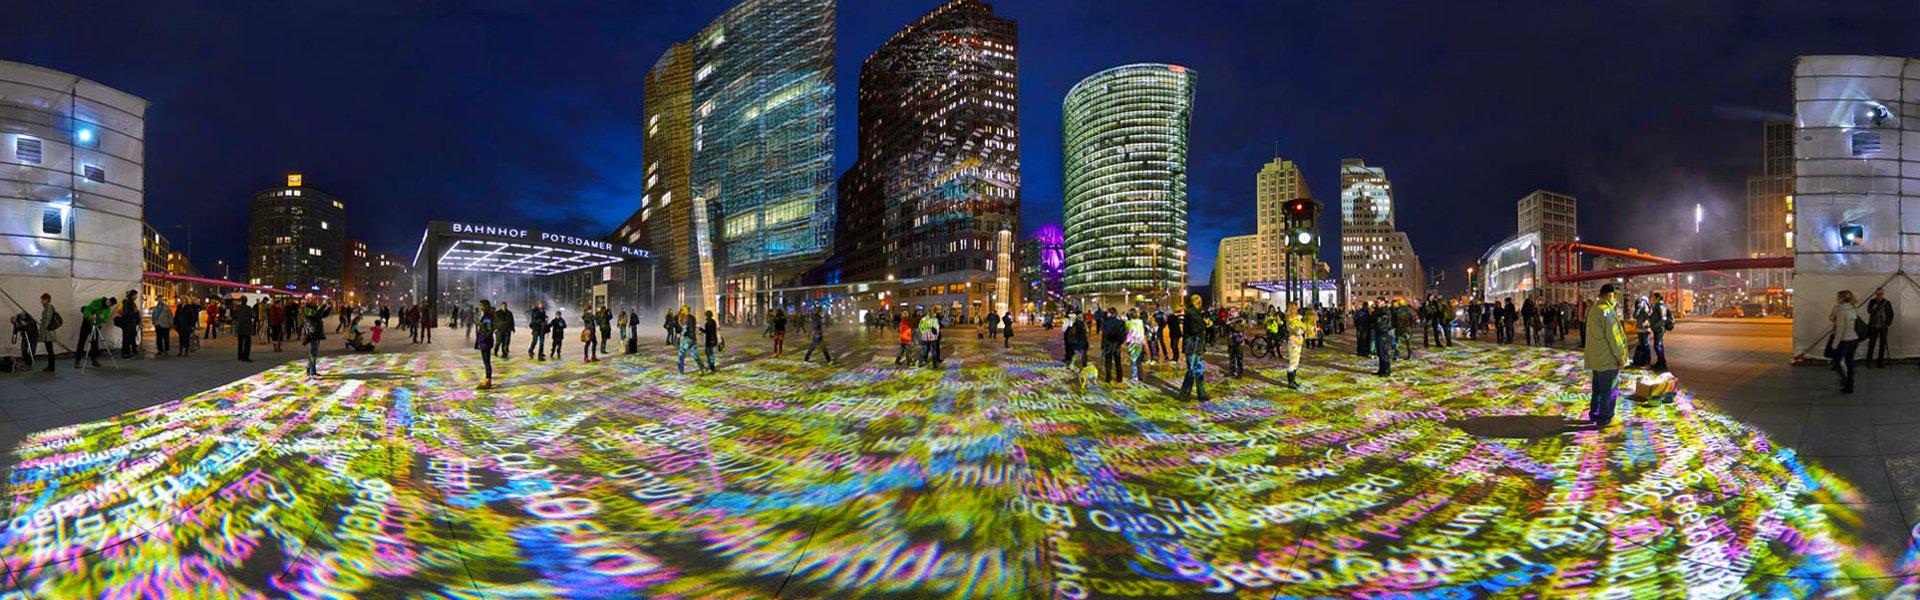 Berlijn tijdens het Festival of Lights